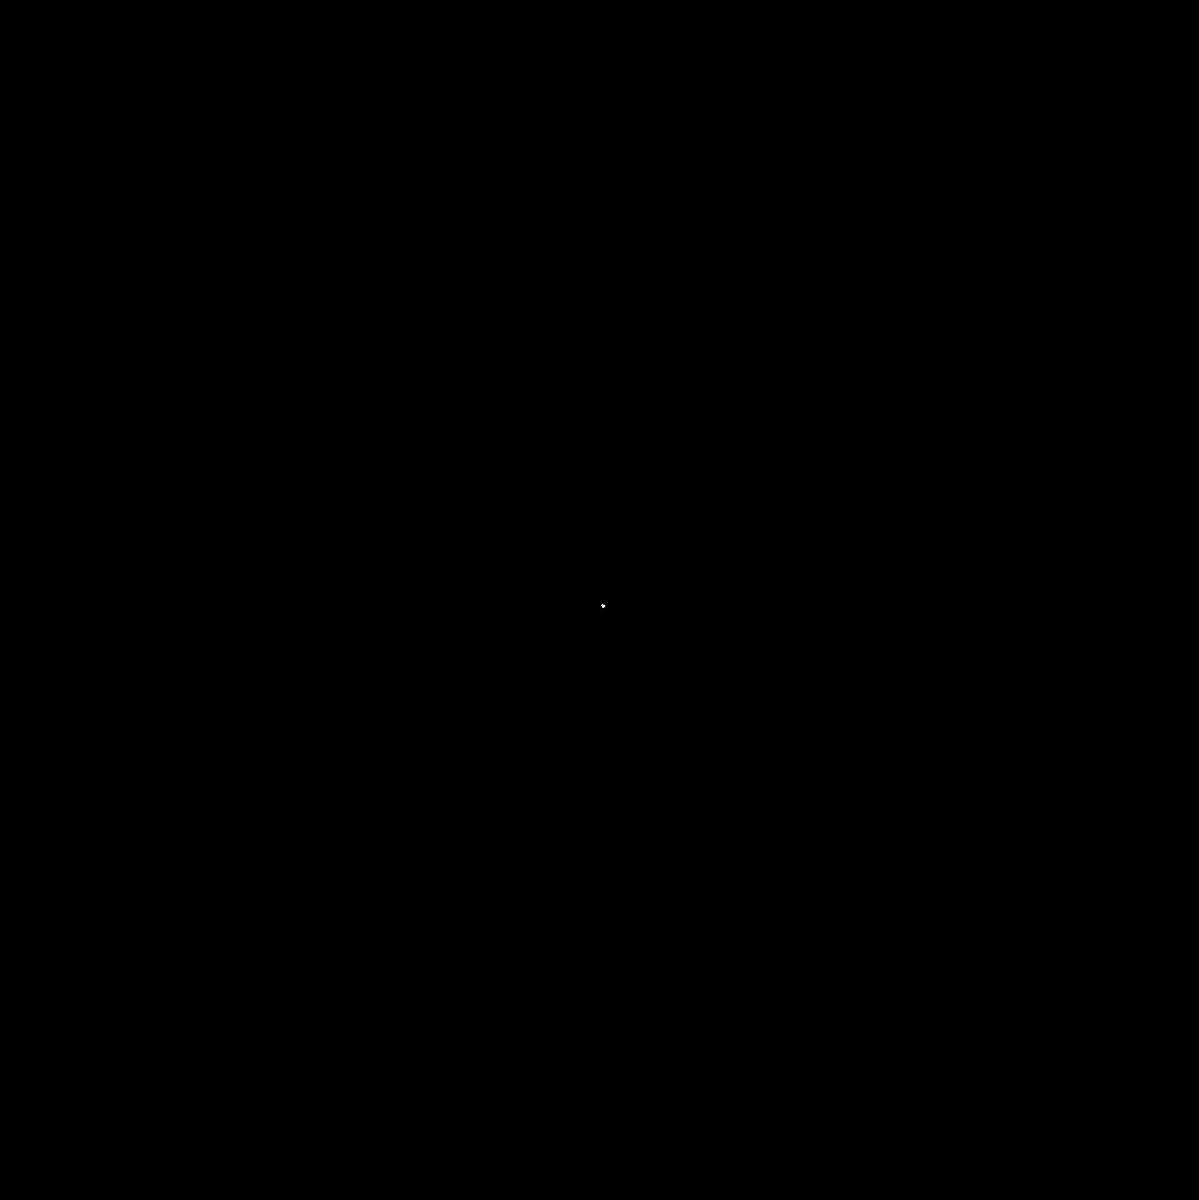 Bu siyahı ben çizdim. Siyahın içinde küçük bi nokta var ya. O umut işte. Benim hala bi umudum var. https://t.co/YTzGNvBCvd